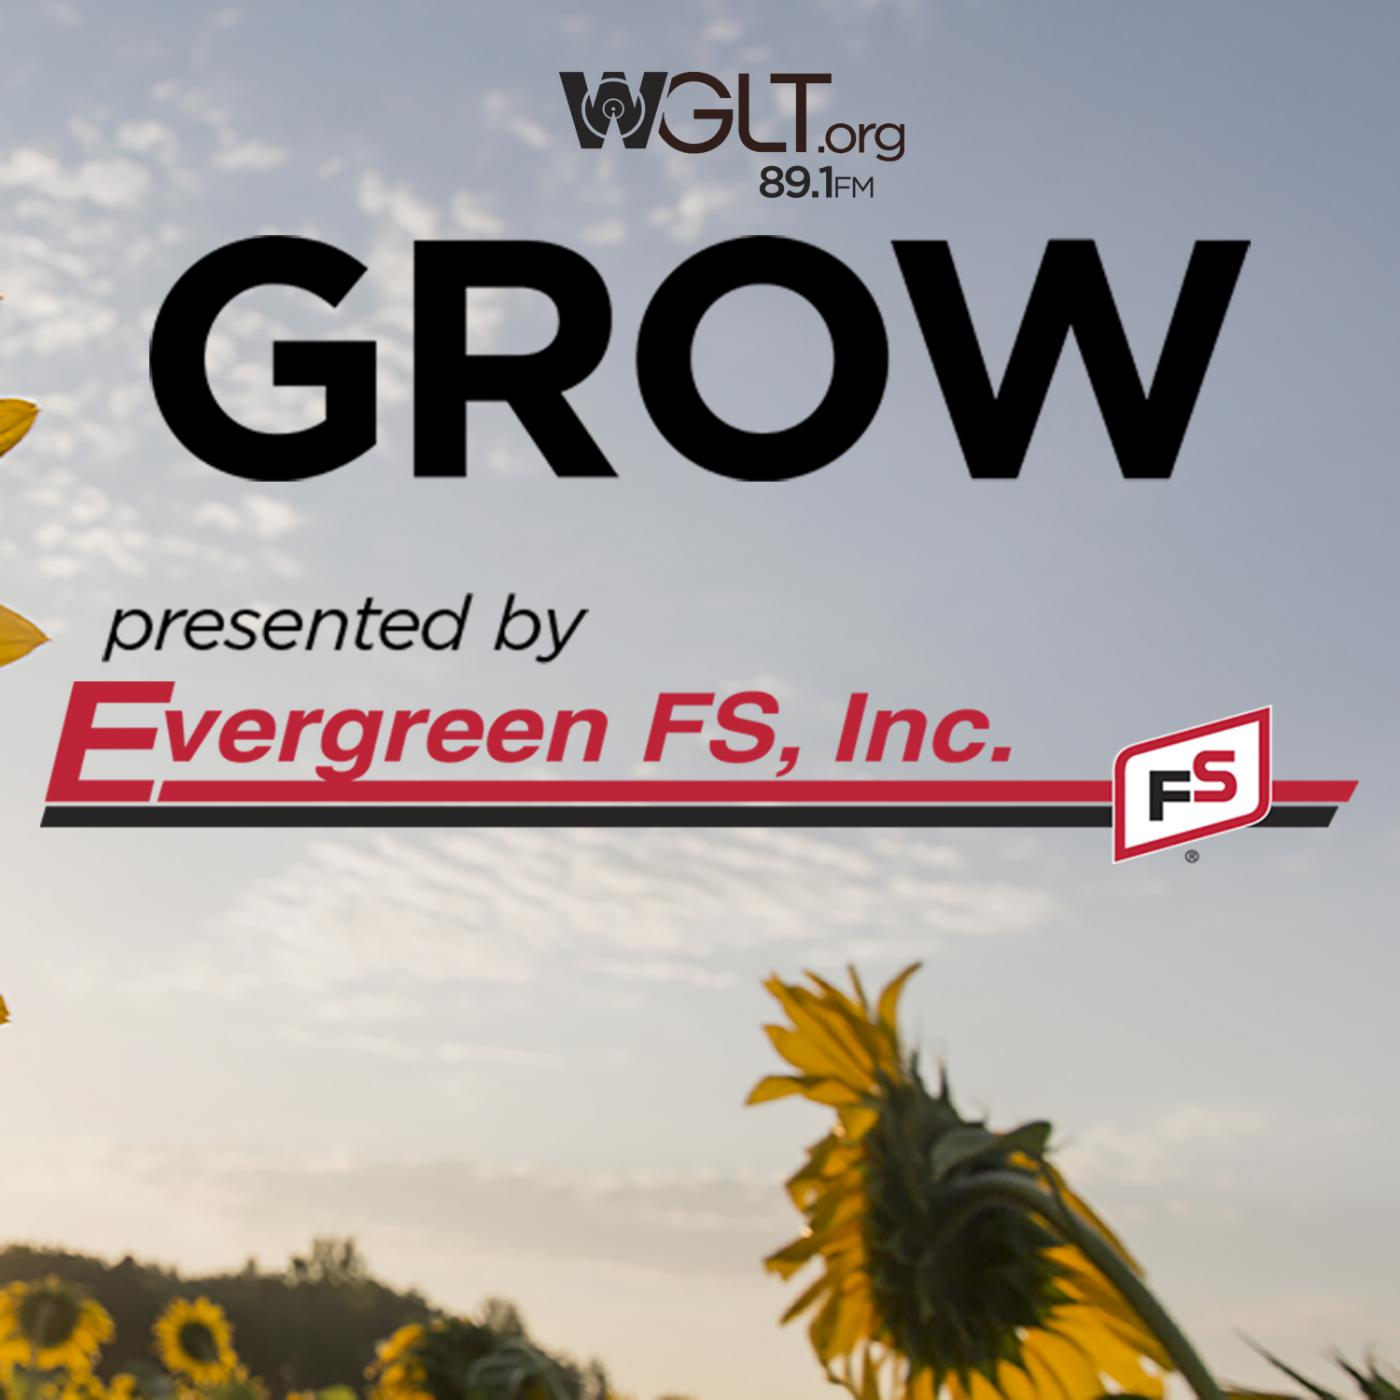 Gardening with GLT's Grow